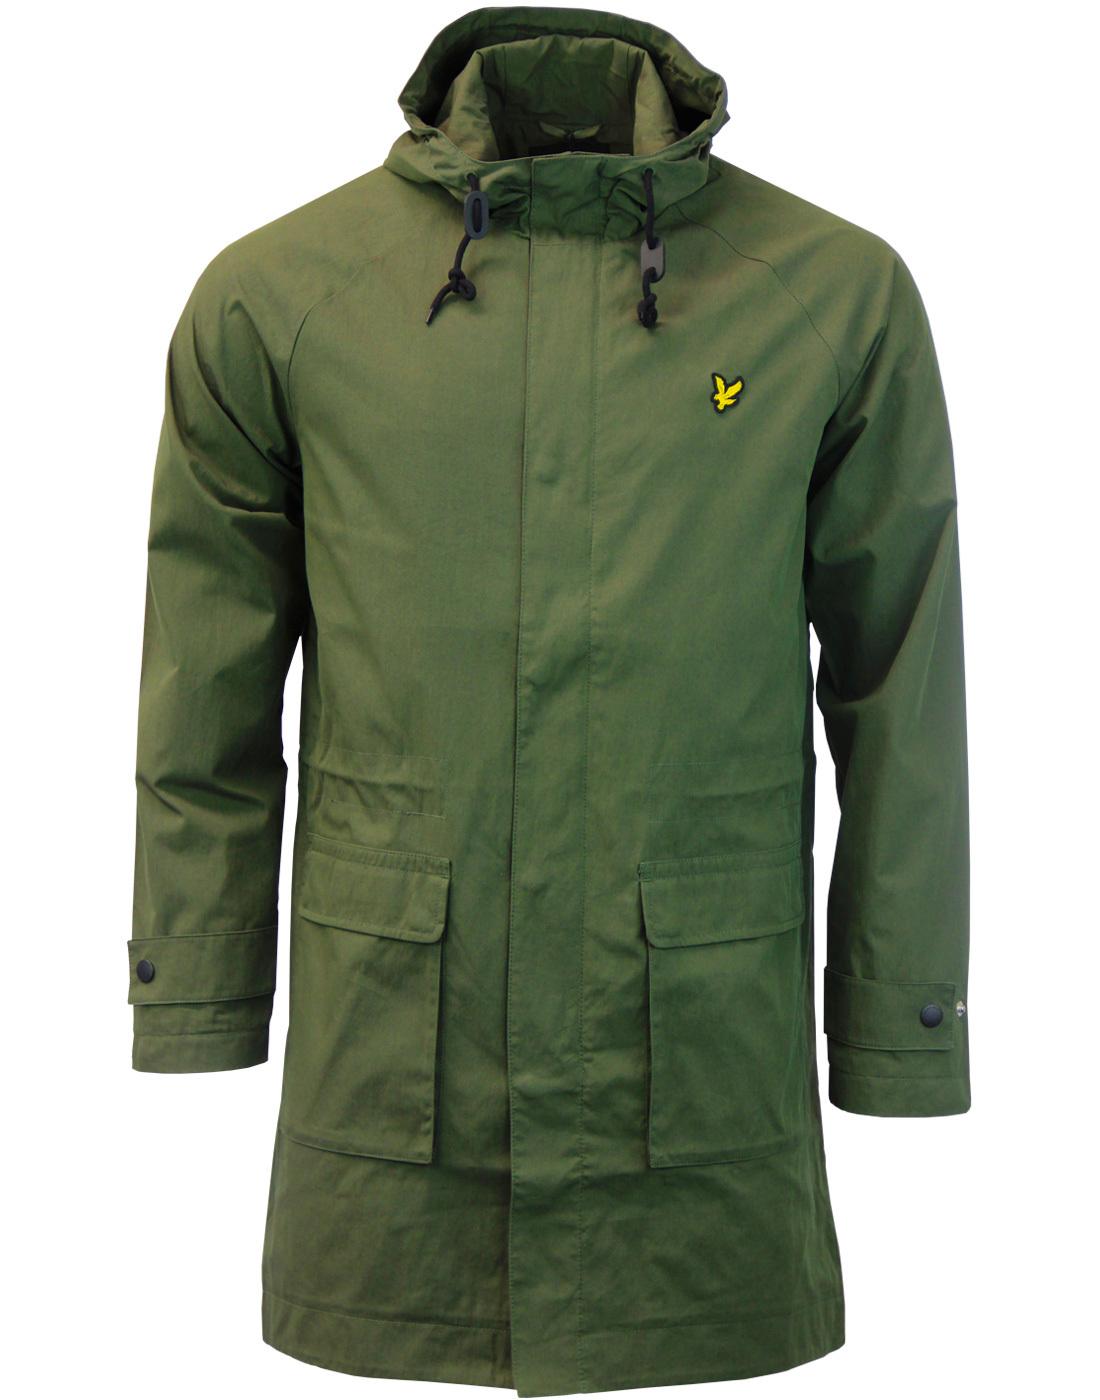 lyle scott 60s mod lightweight parka jacket in dark sage. Black Bedroom Furniture Sets. Home Design Ideas